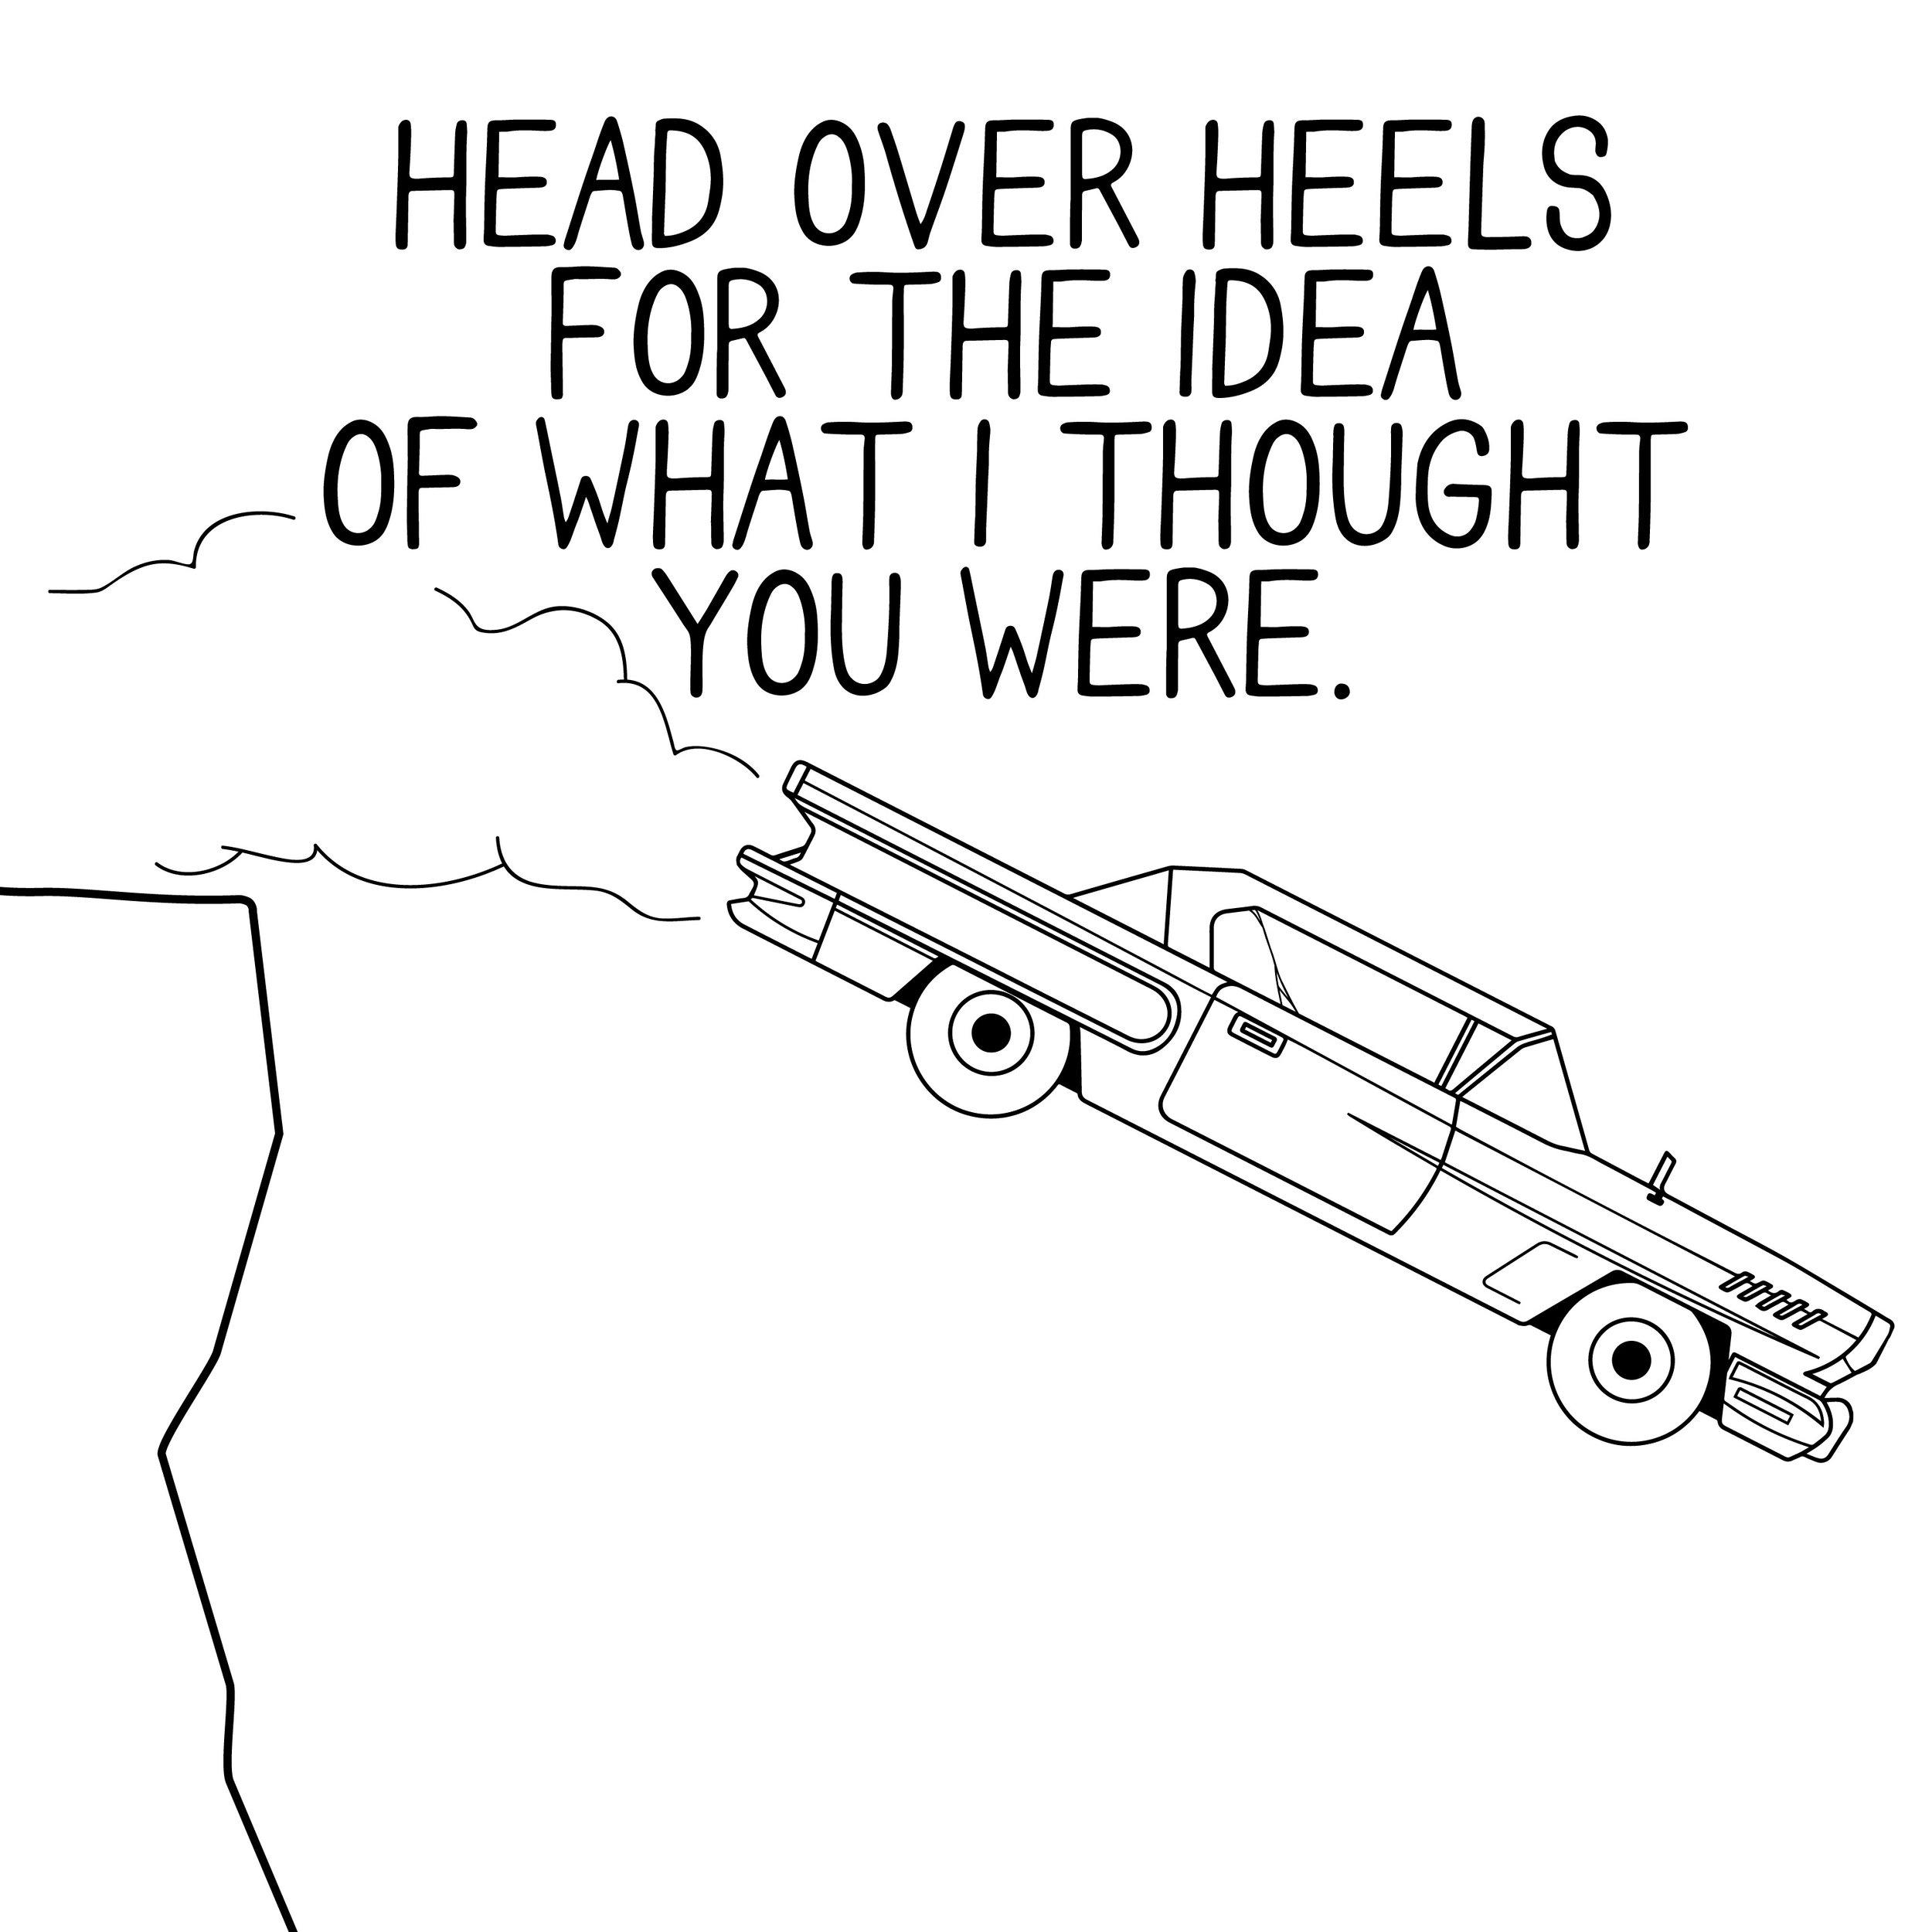 HEADOVERHEELS-01.jpg